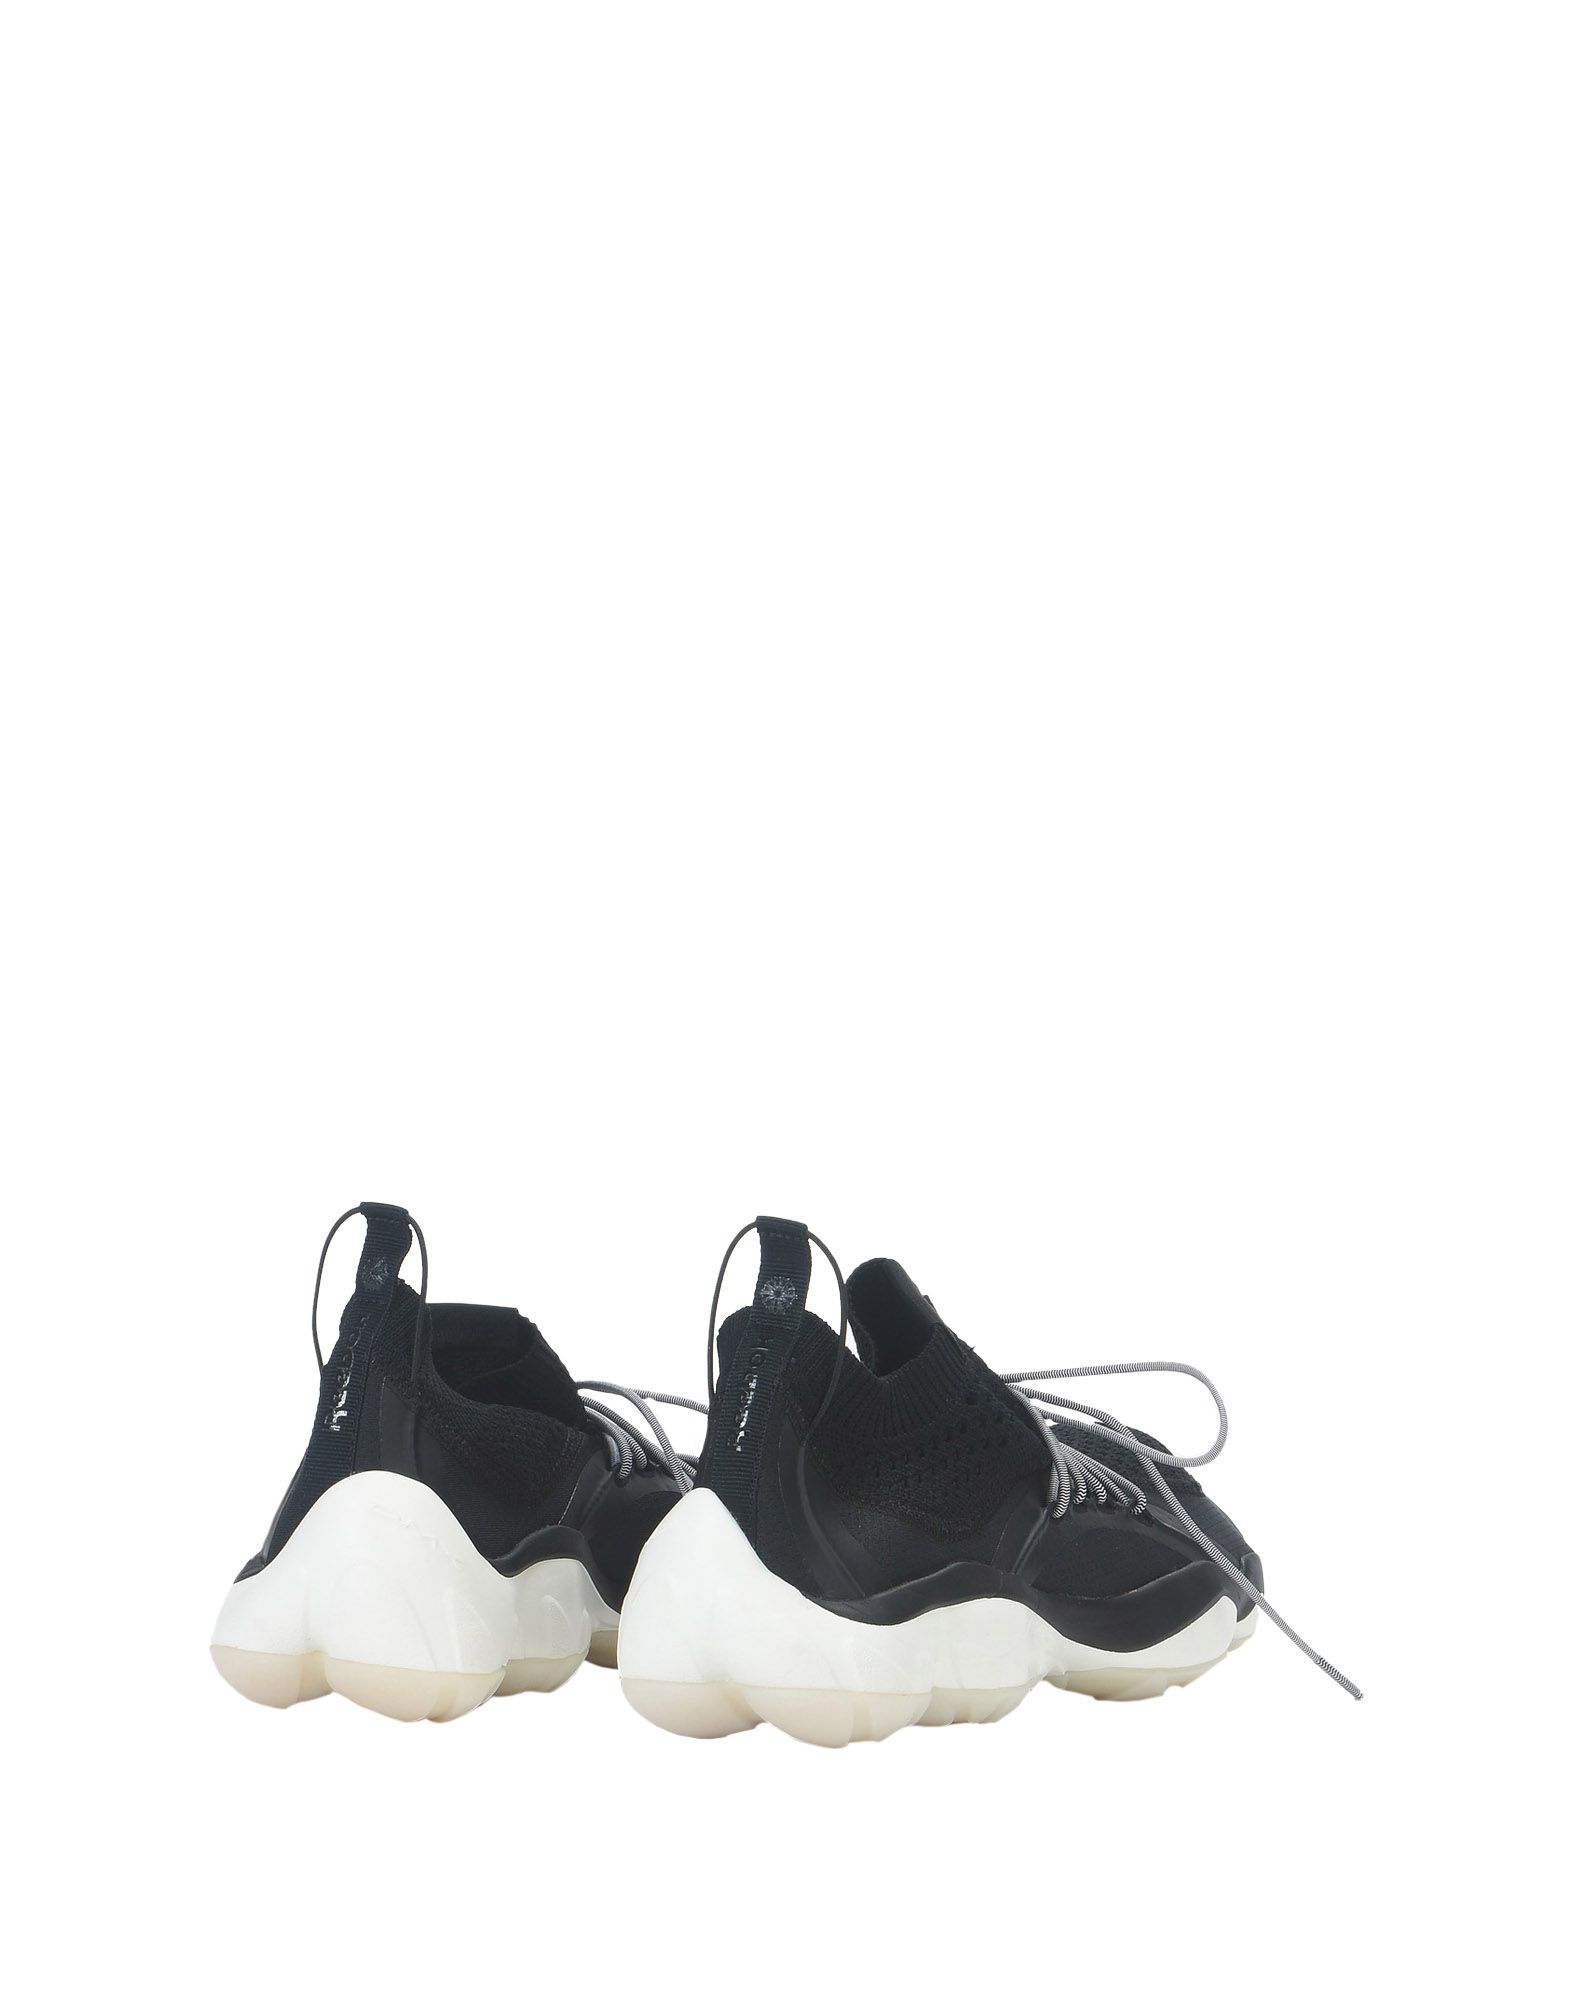 Reebok Dmx Fusion Ci beliebte  11495301SG Gute Qualität beliebte Ci Schuhe 179de5